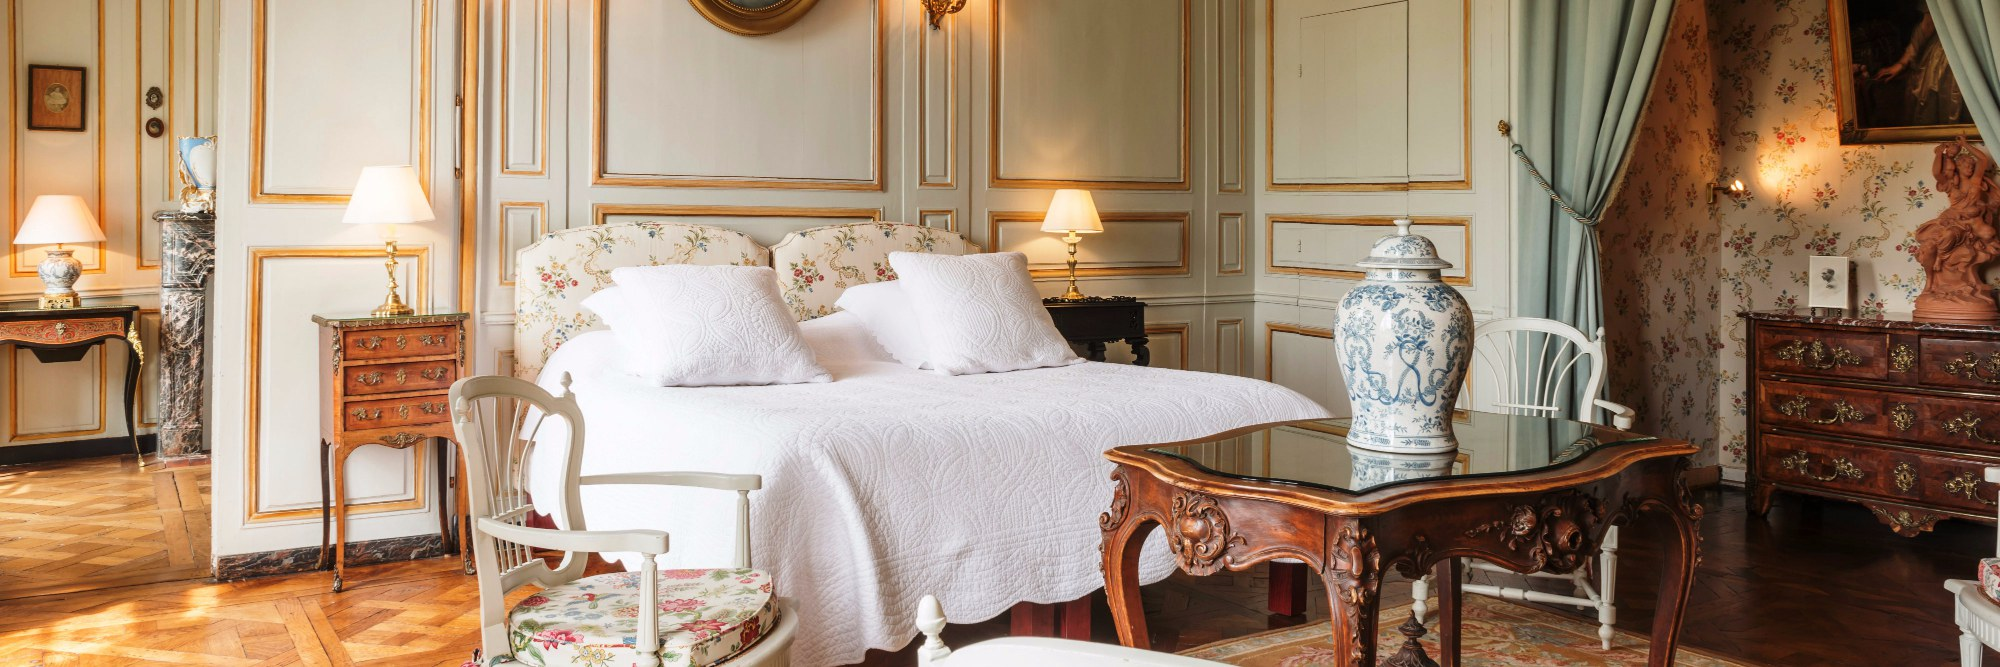 gite-chambres-hotes-normandie-mont-saint-michel